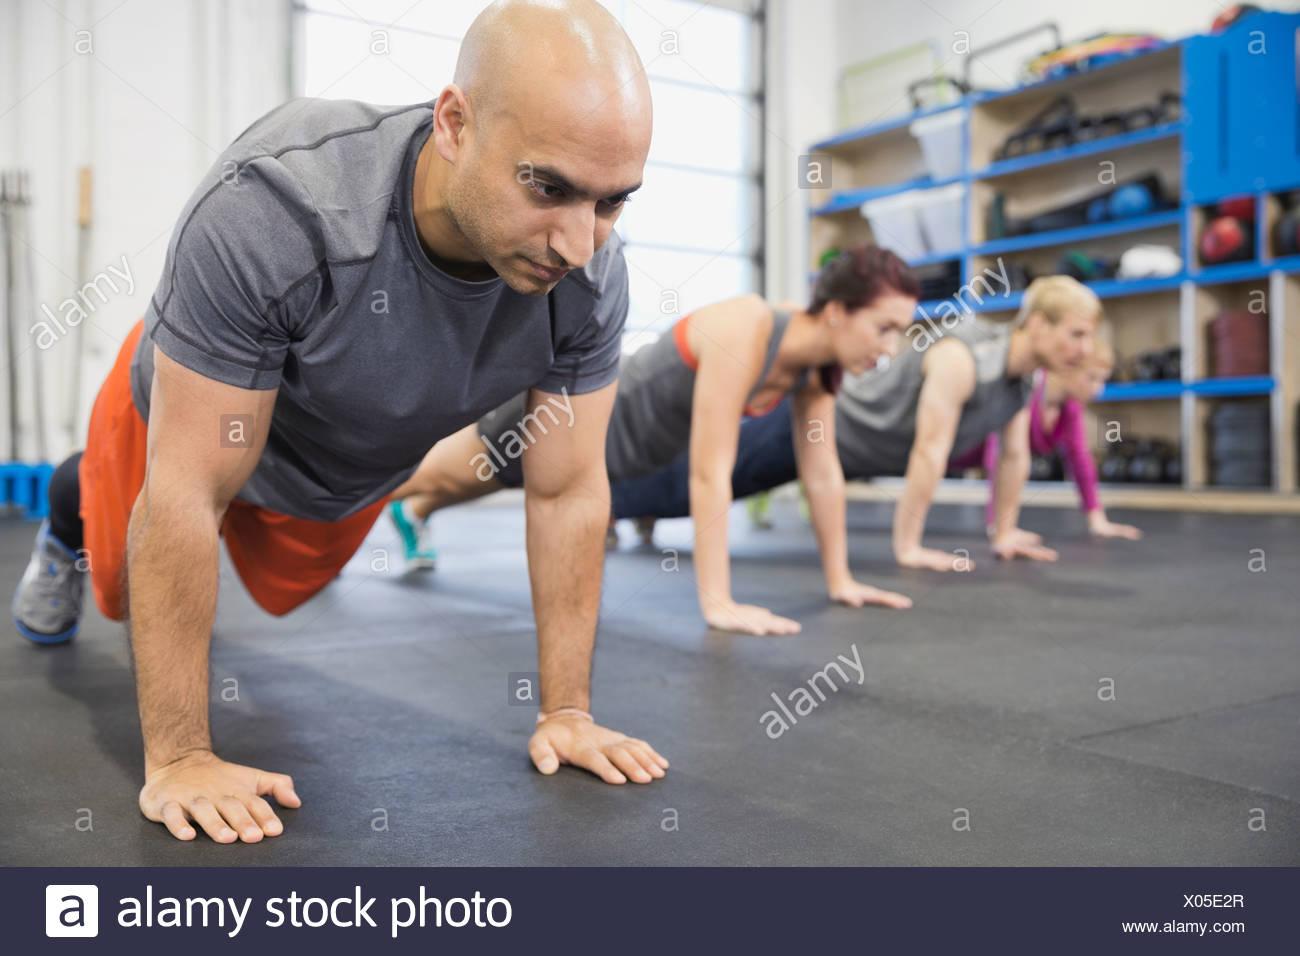 El hombre practicando plank hold Imagen De Stock